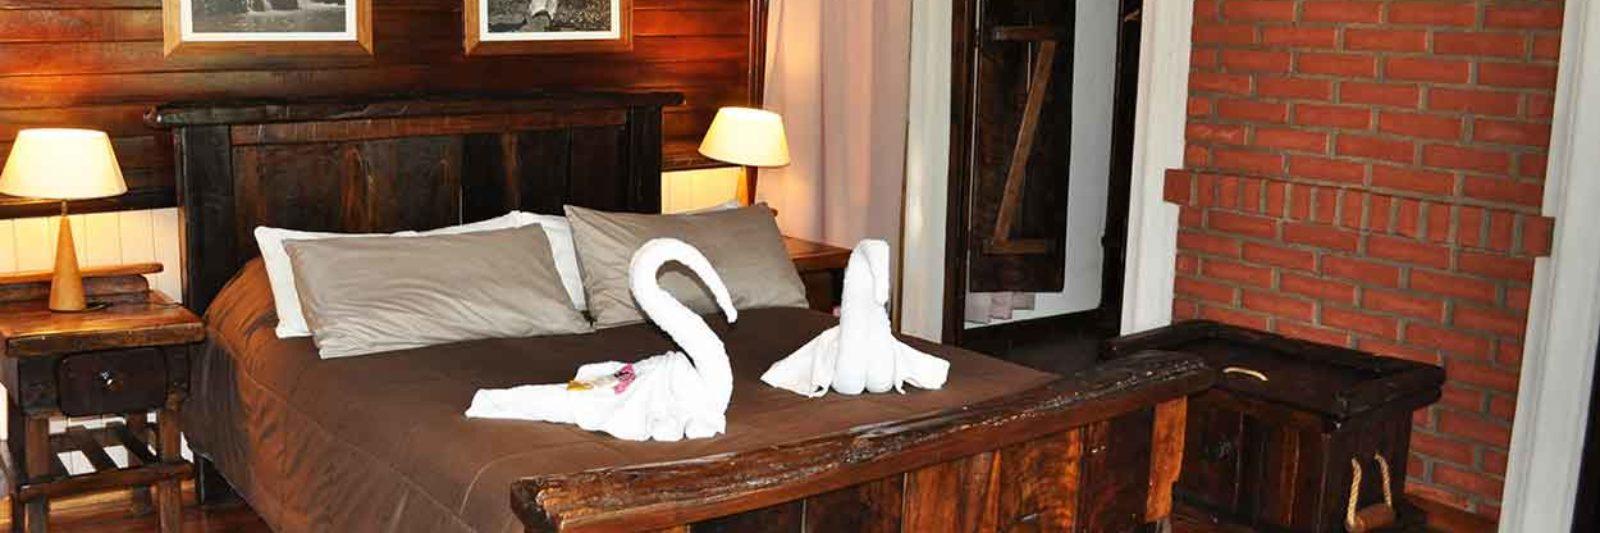 Hotel en Moconá - Puro Moconá Lodge